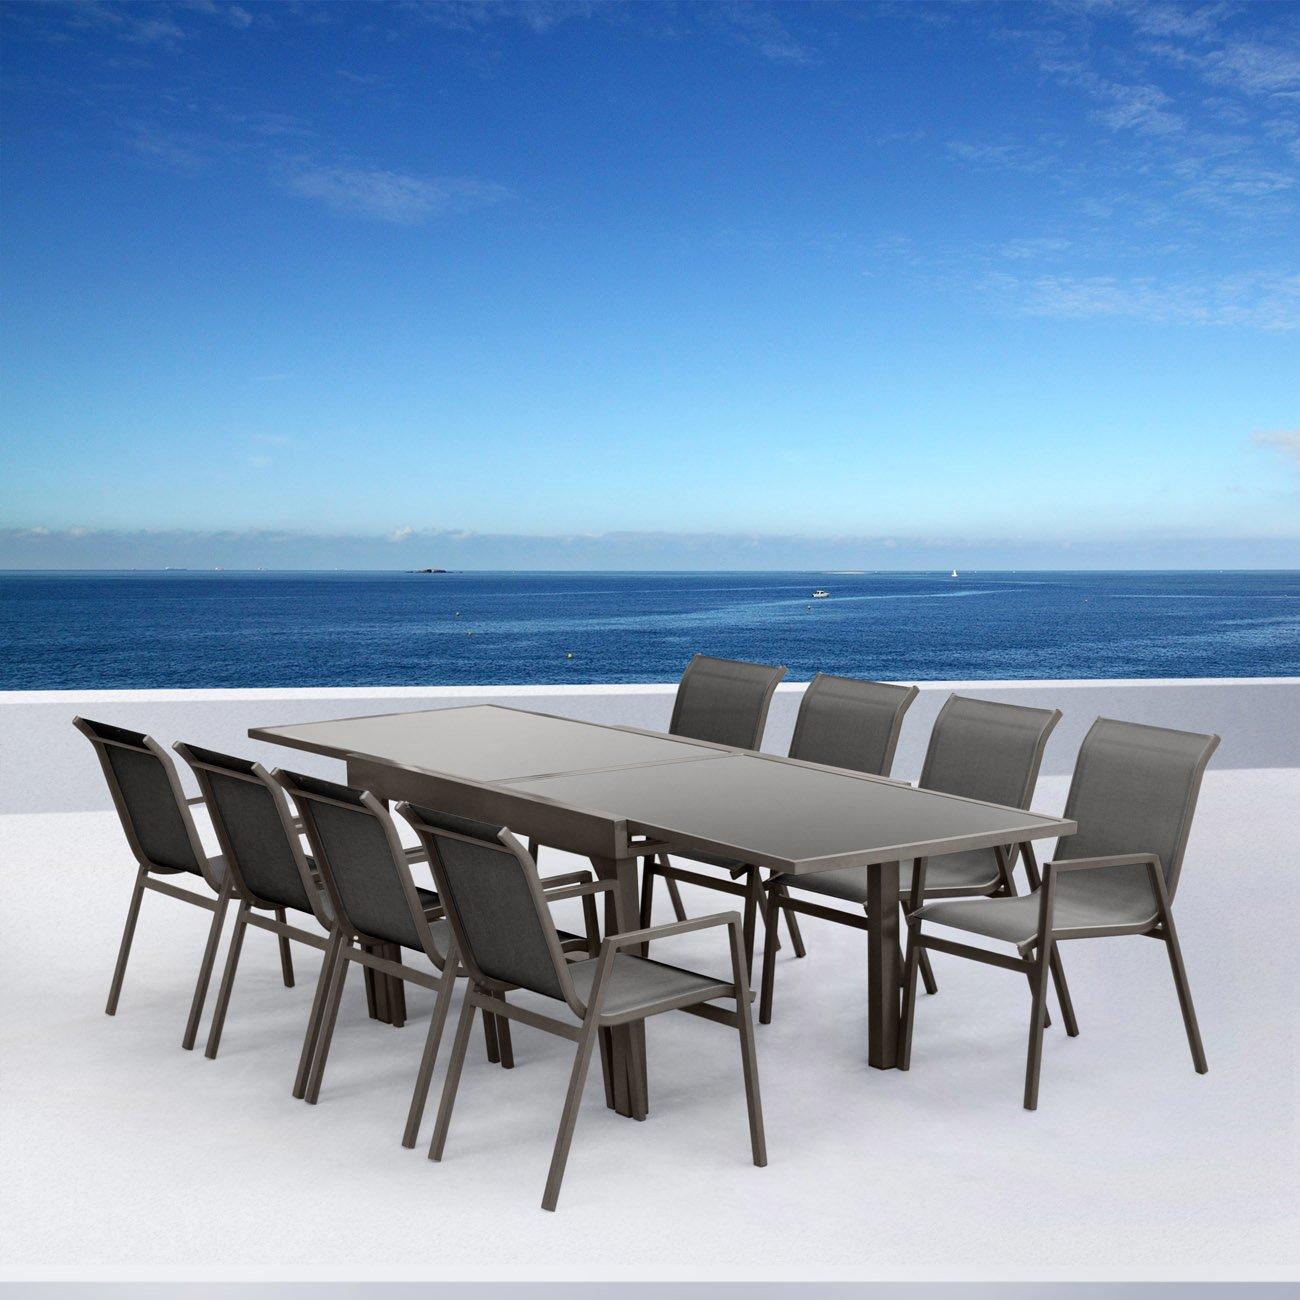 Salon de jardin aluminium Atlantique